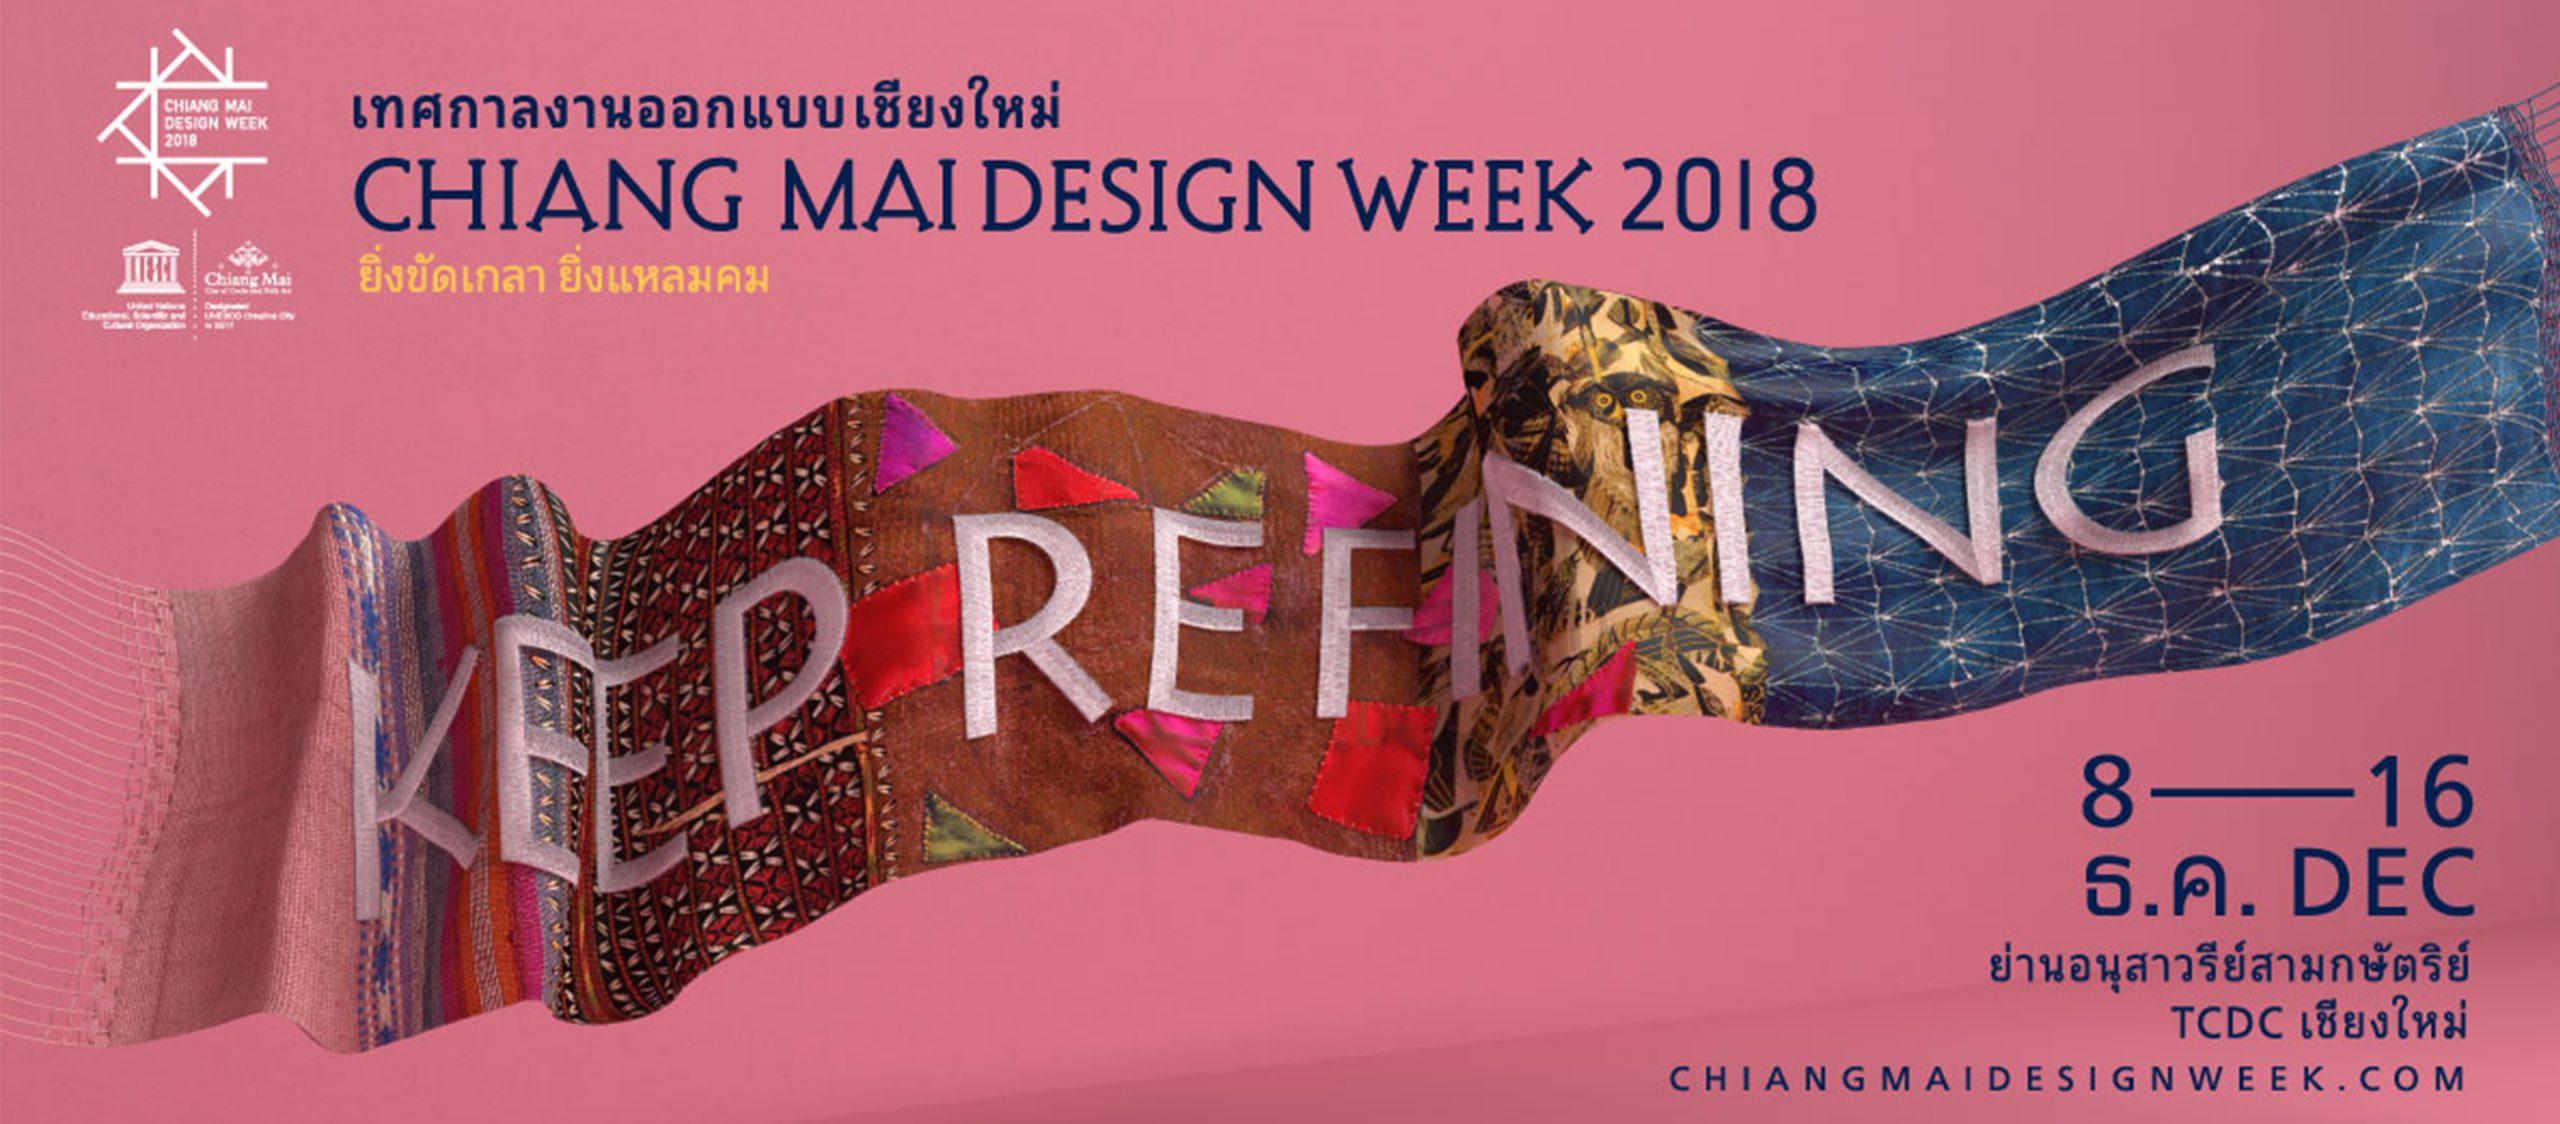 10 สิ่งน่าสนใจใน Chiang Mai Design Week ที่ชวนให้ลางานไปชมตั้งแต่วันแรก